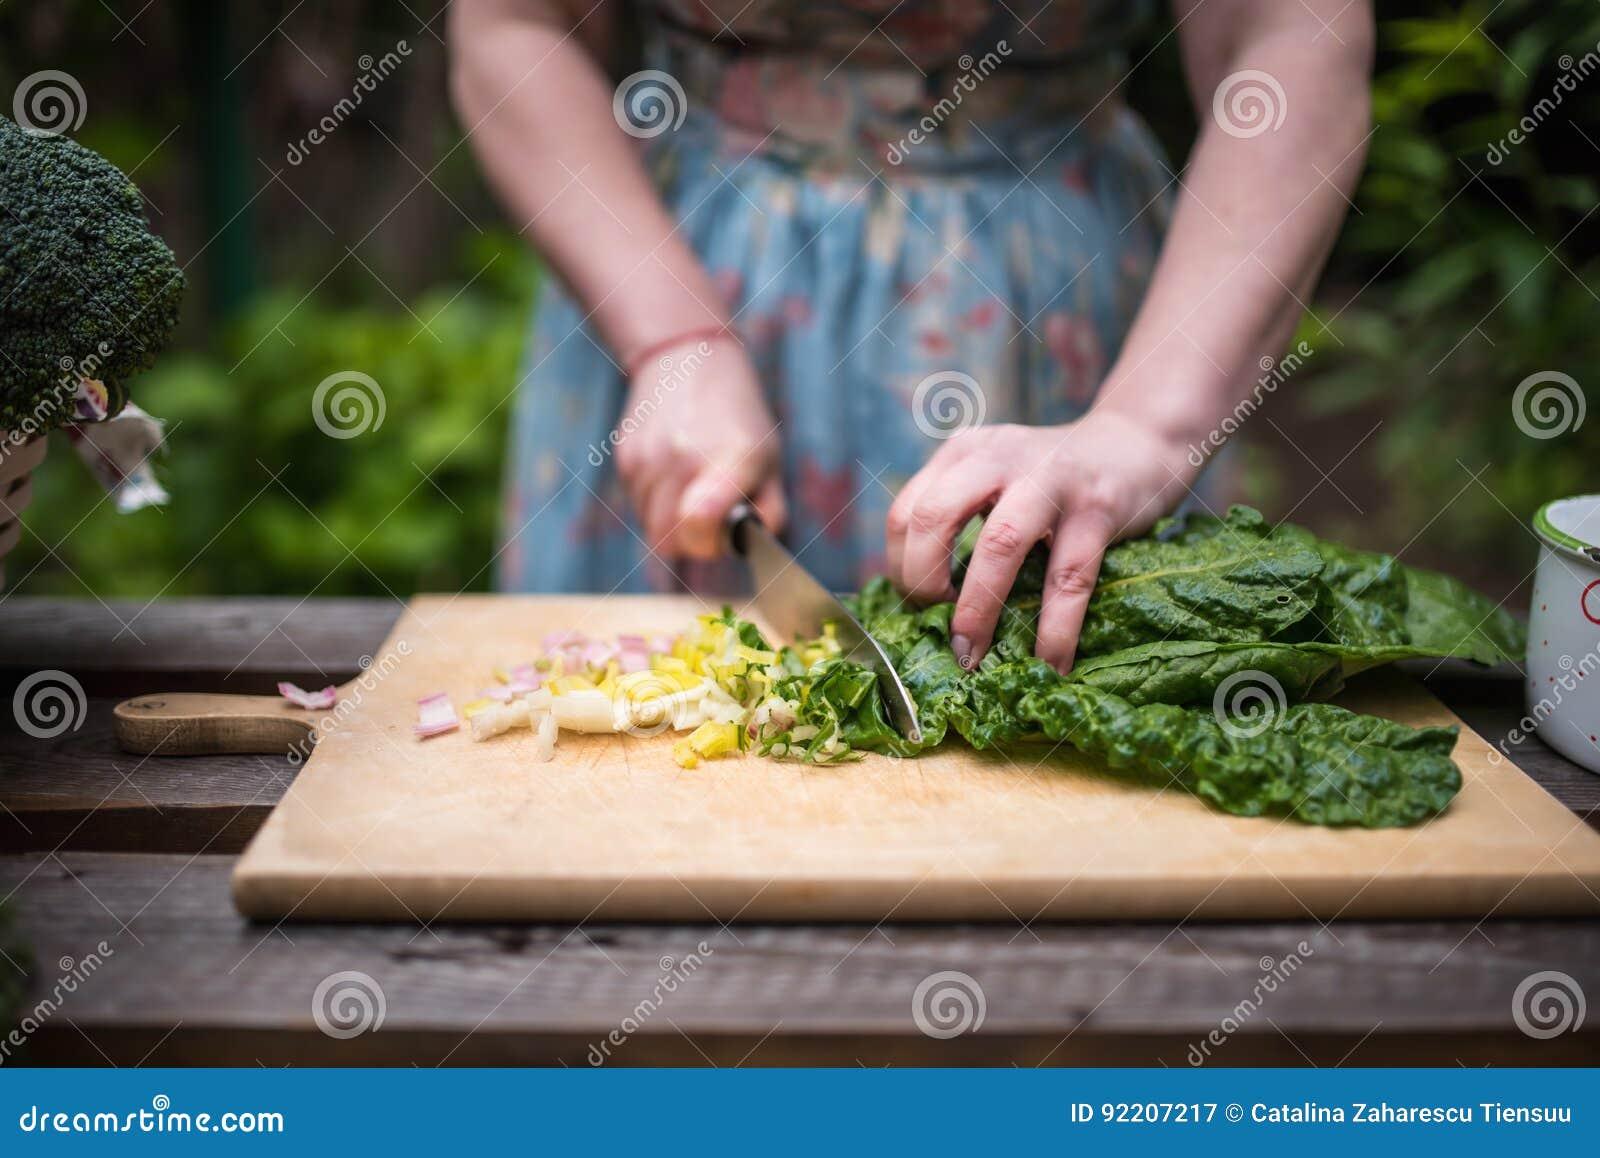 少妇切口甜菜为沙拉离开